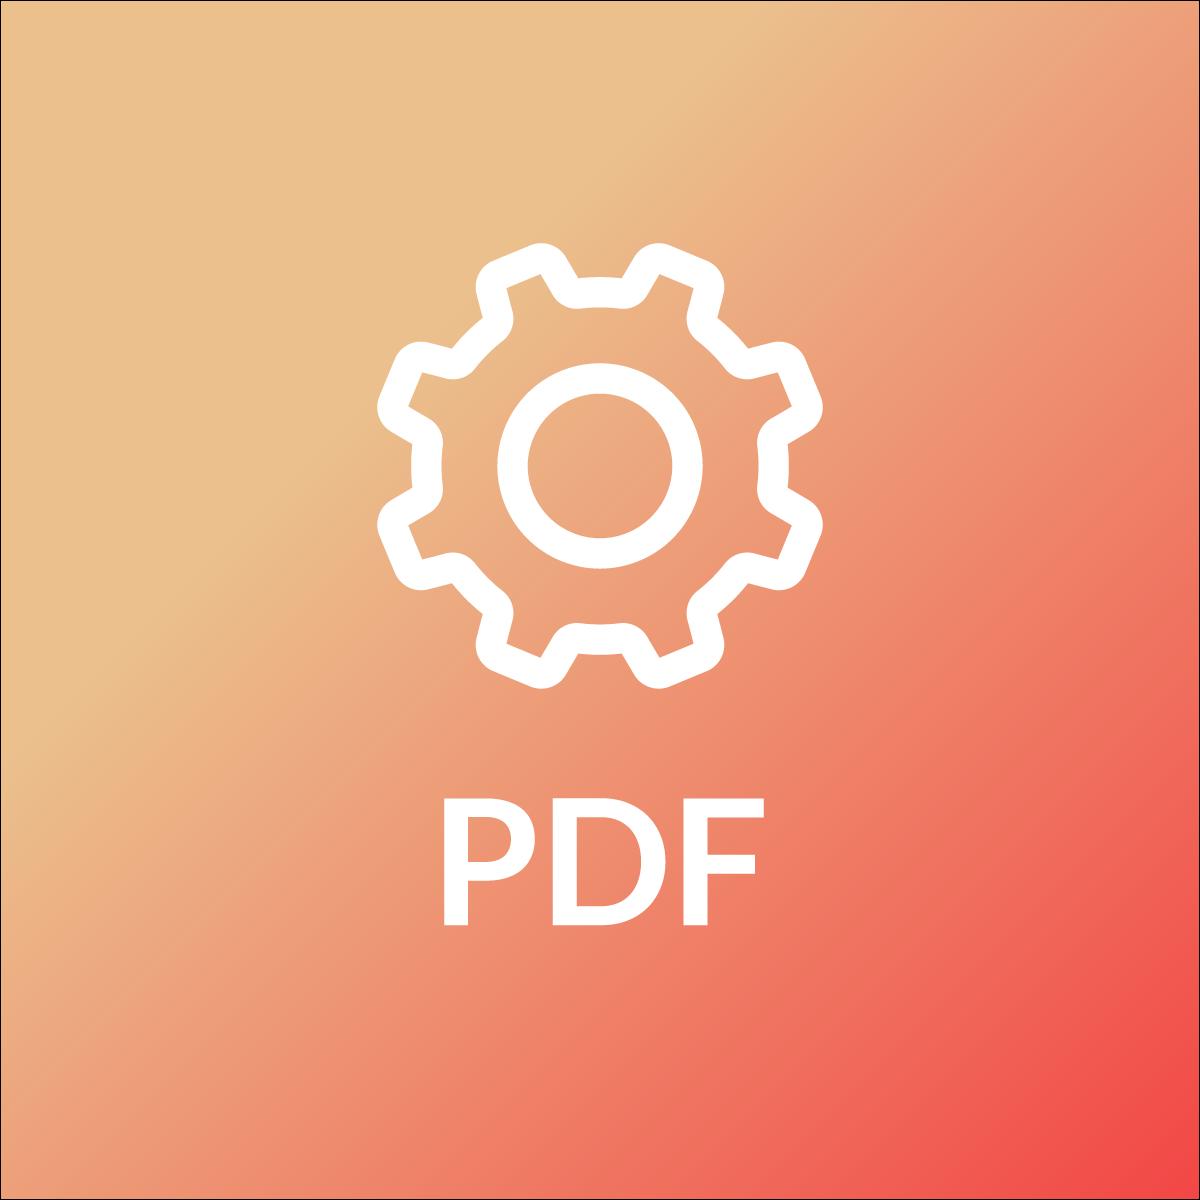 Shopify PDF Invoice Apps by Architechpro oü